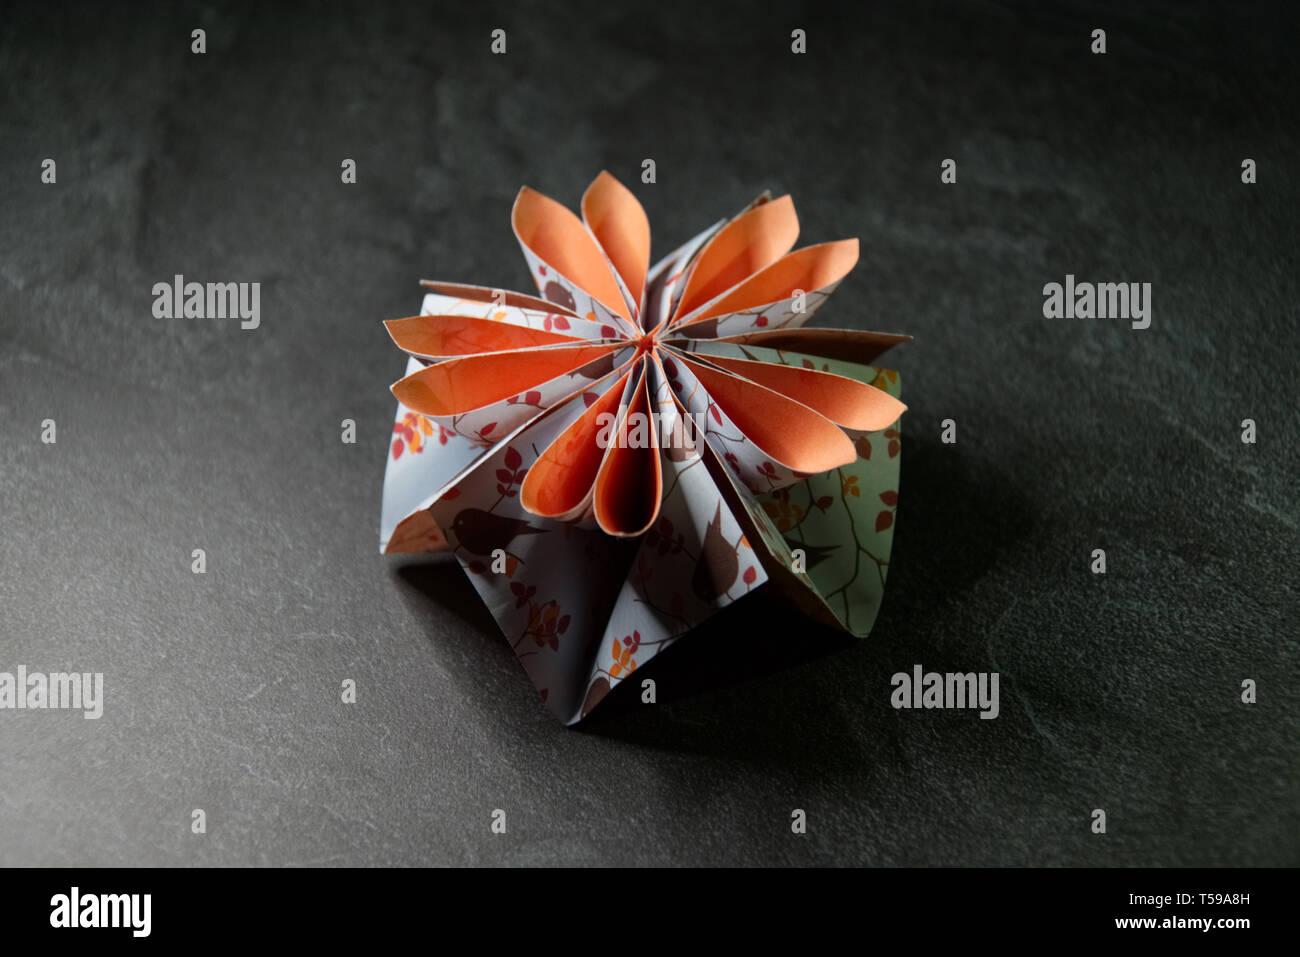 Origami Blume Blüte - Papier Kunst auf strukturierten Hintergrund Stockfoto